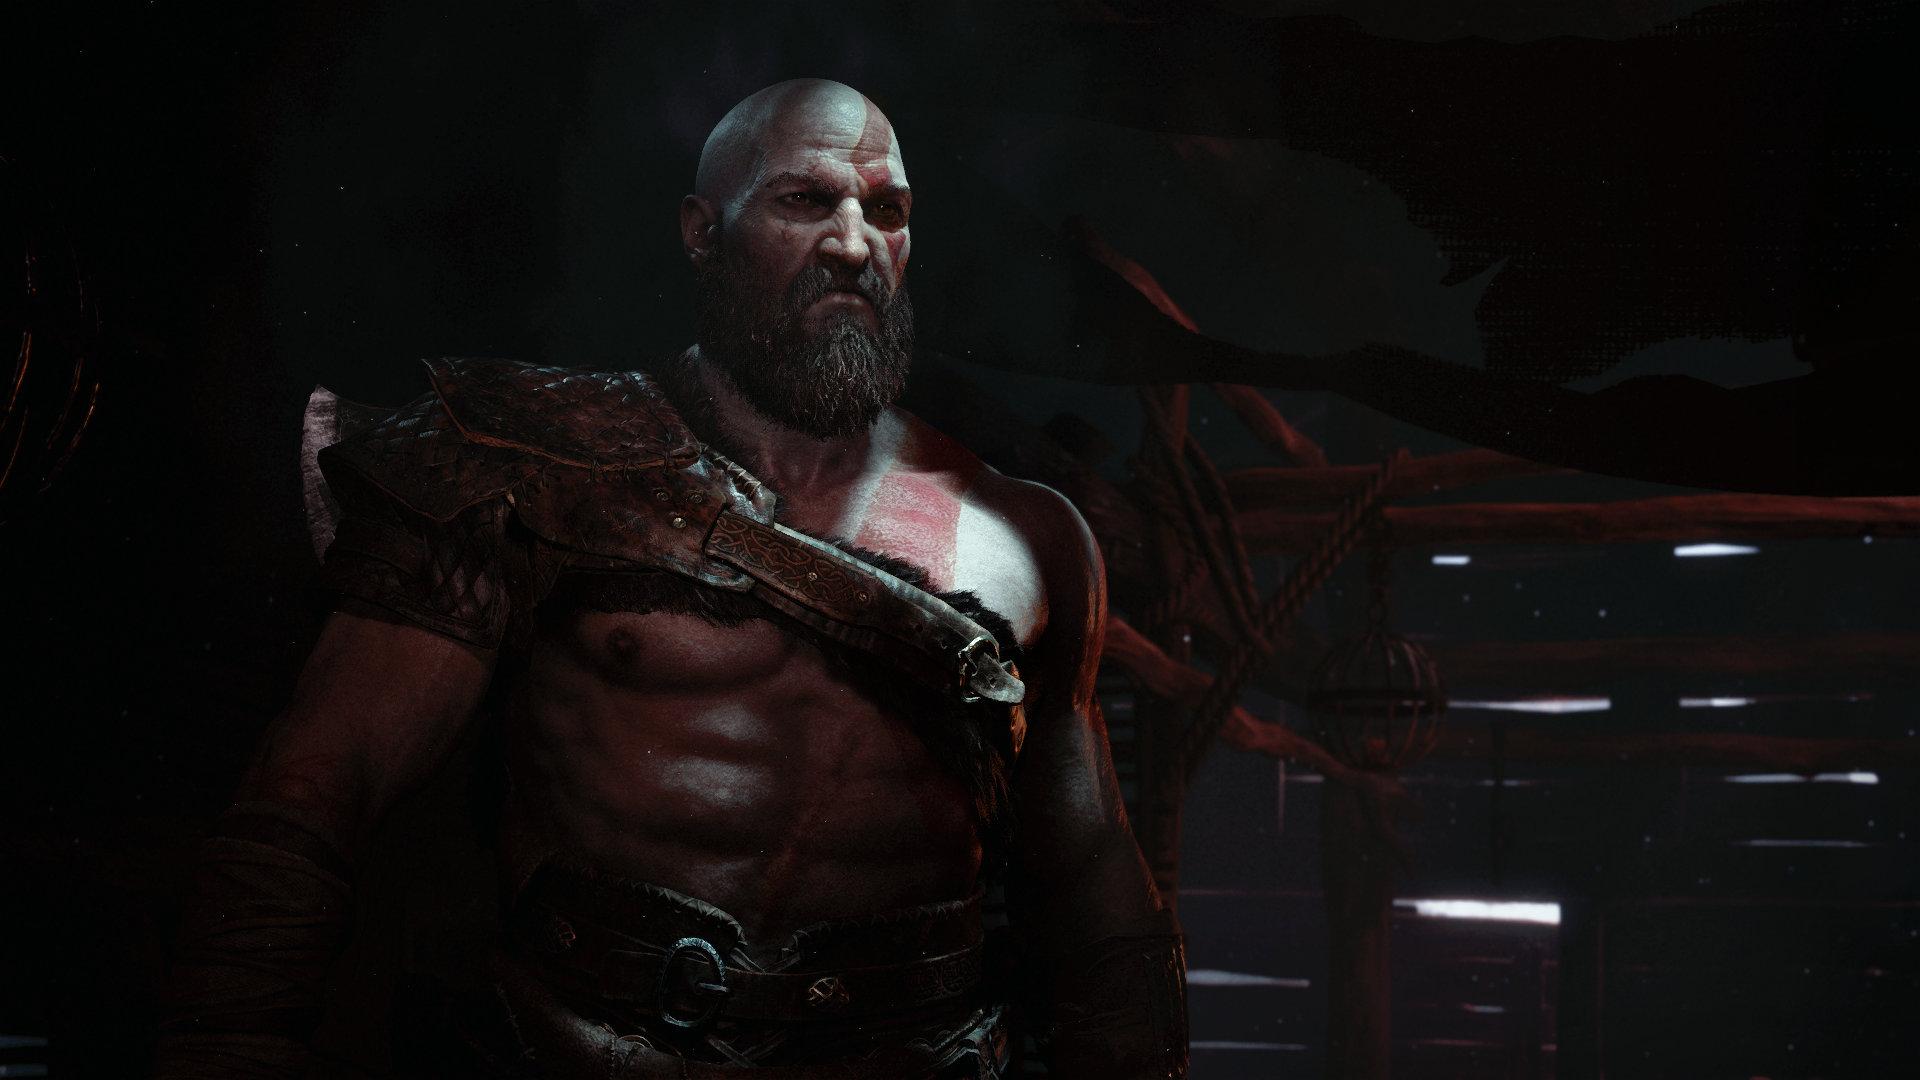 god-of-war-screen-02-ps4-us-13jun16